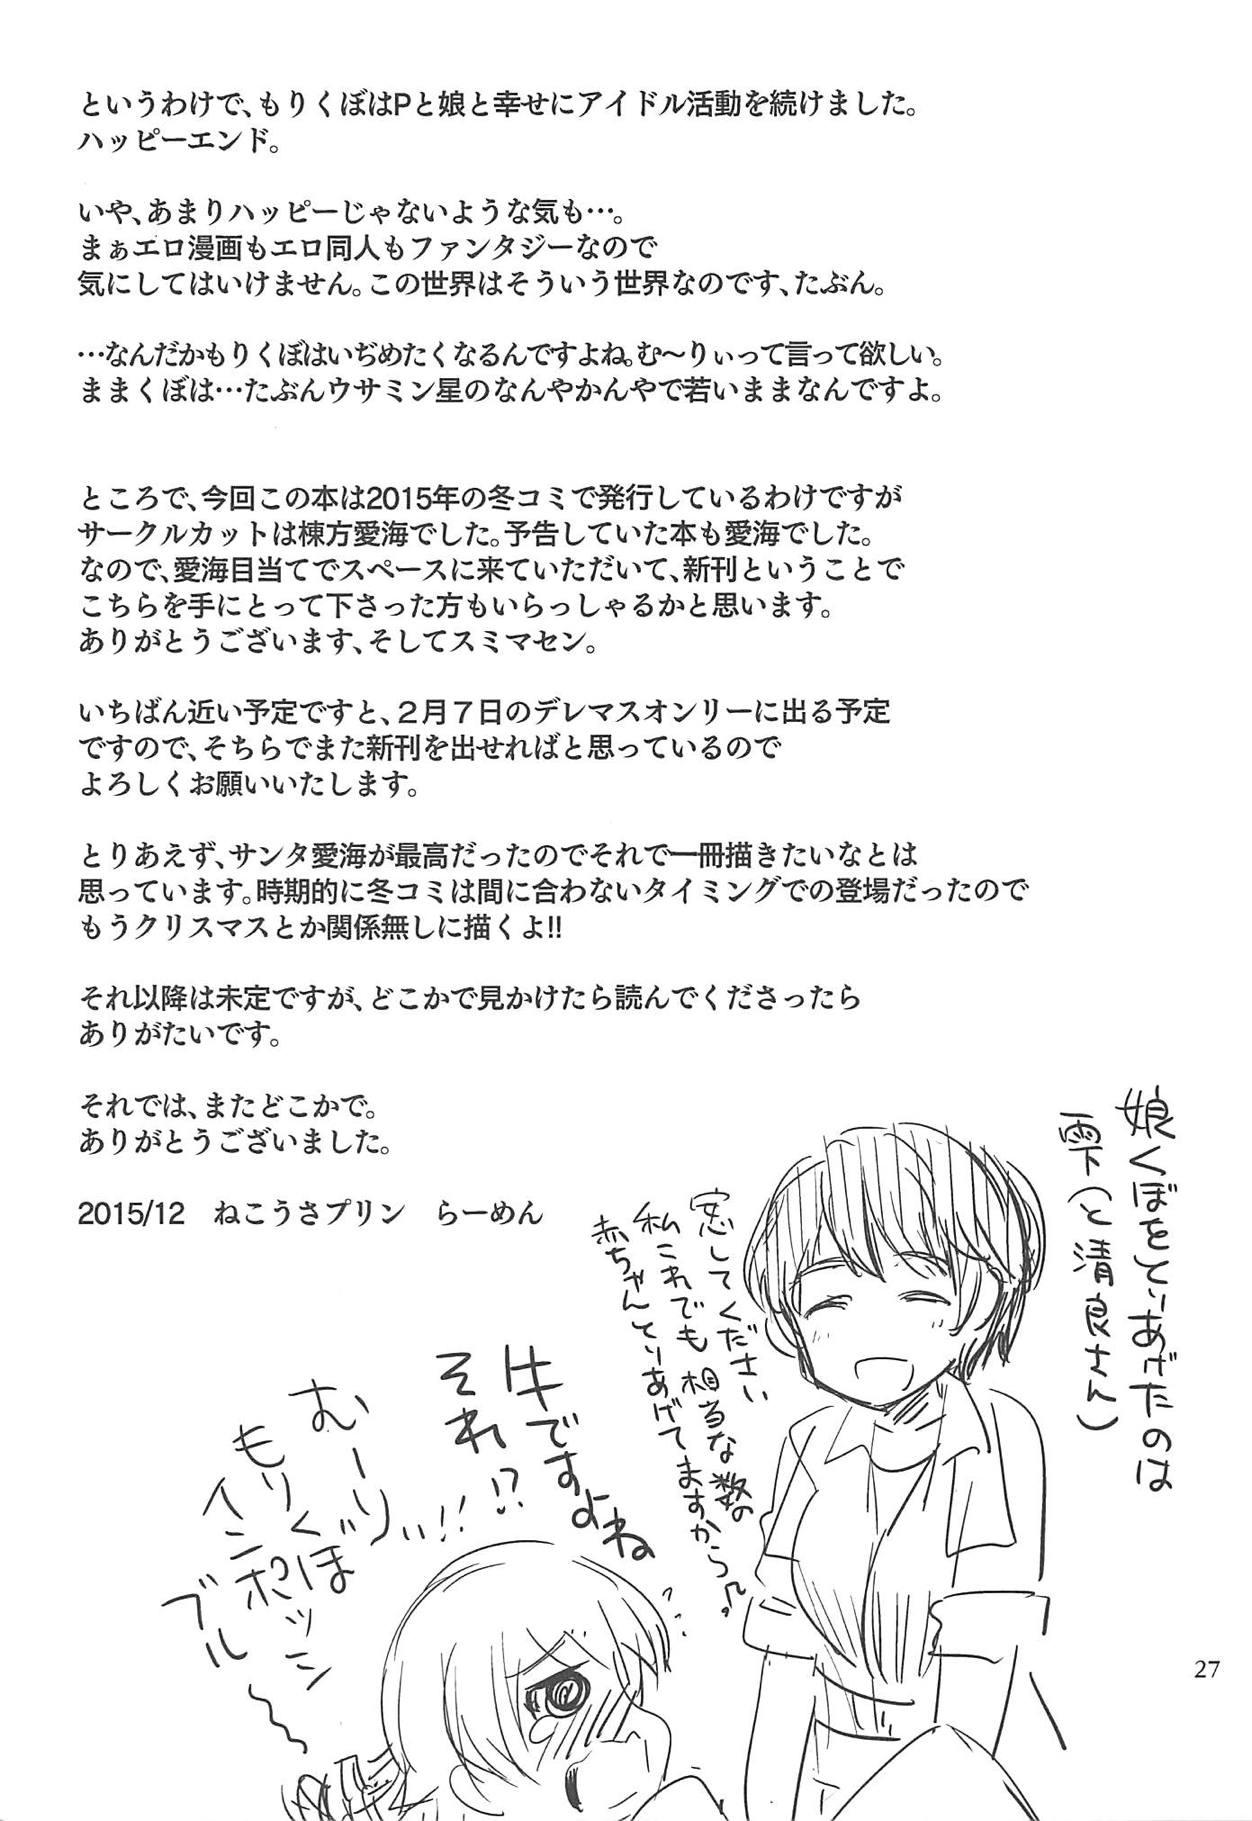 Yarukubo Murikubo. 25